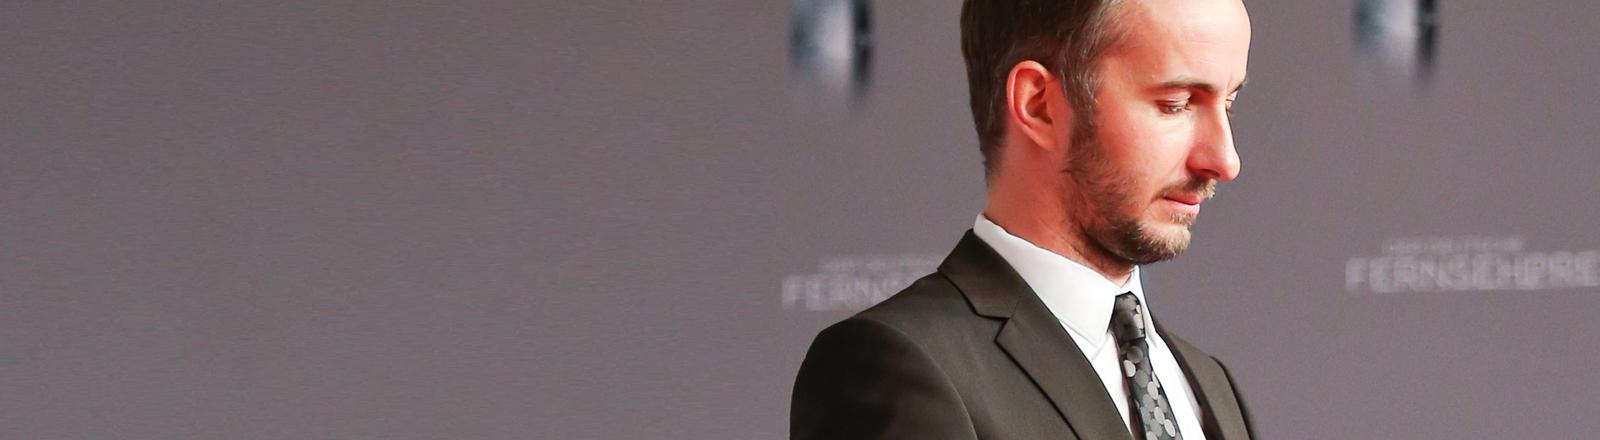 Satiriker und Moderator Jan Böhmermann kommt am 13.01.2016 in Düsseldorf (Nordrhein-Westfalen) zur Verleihung des Deutschen Fernsehpreises.